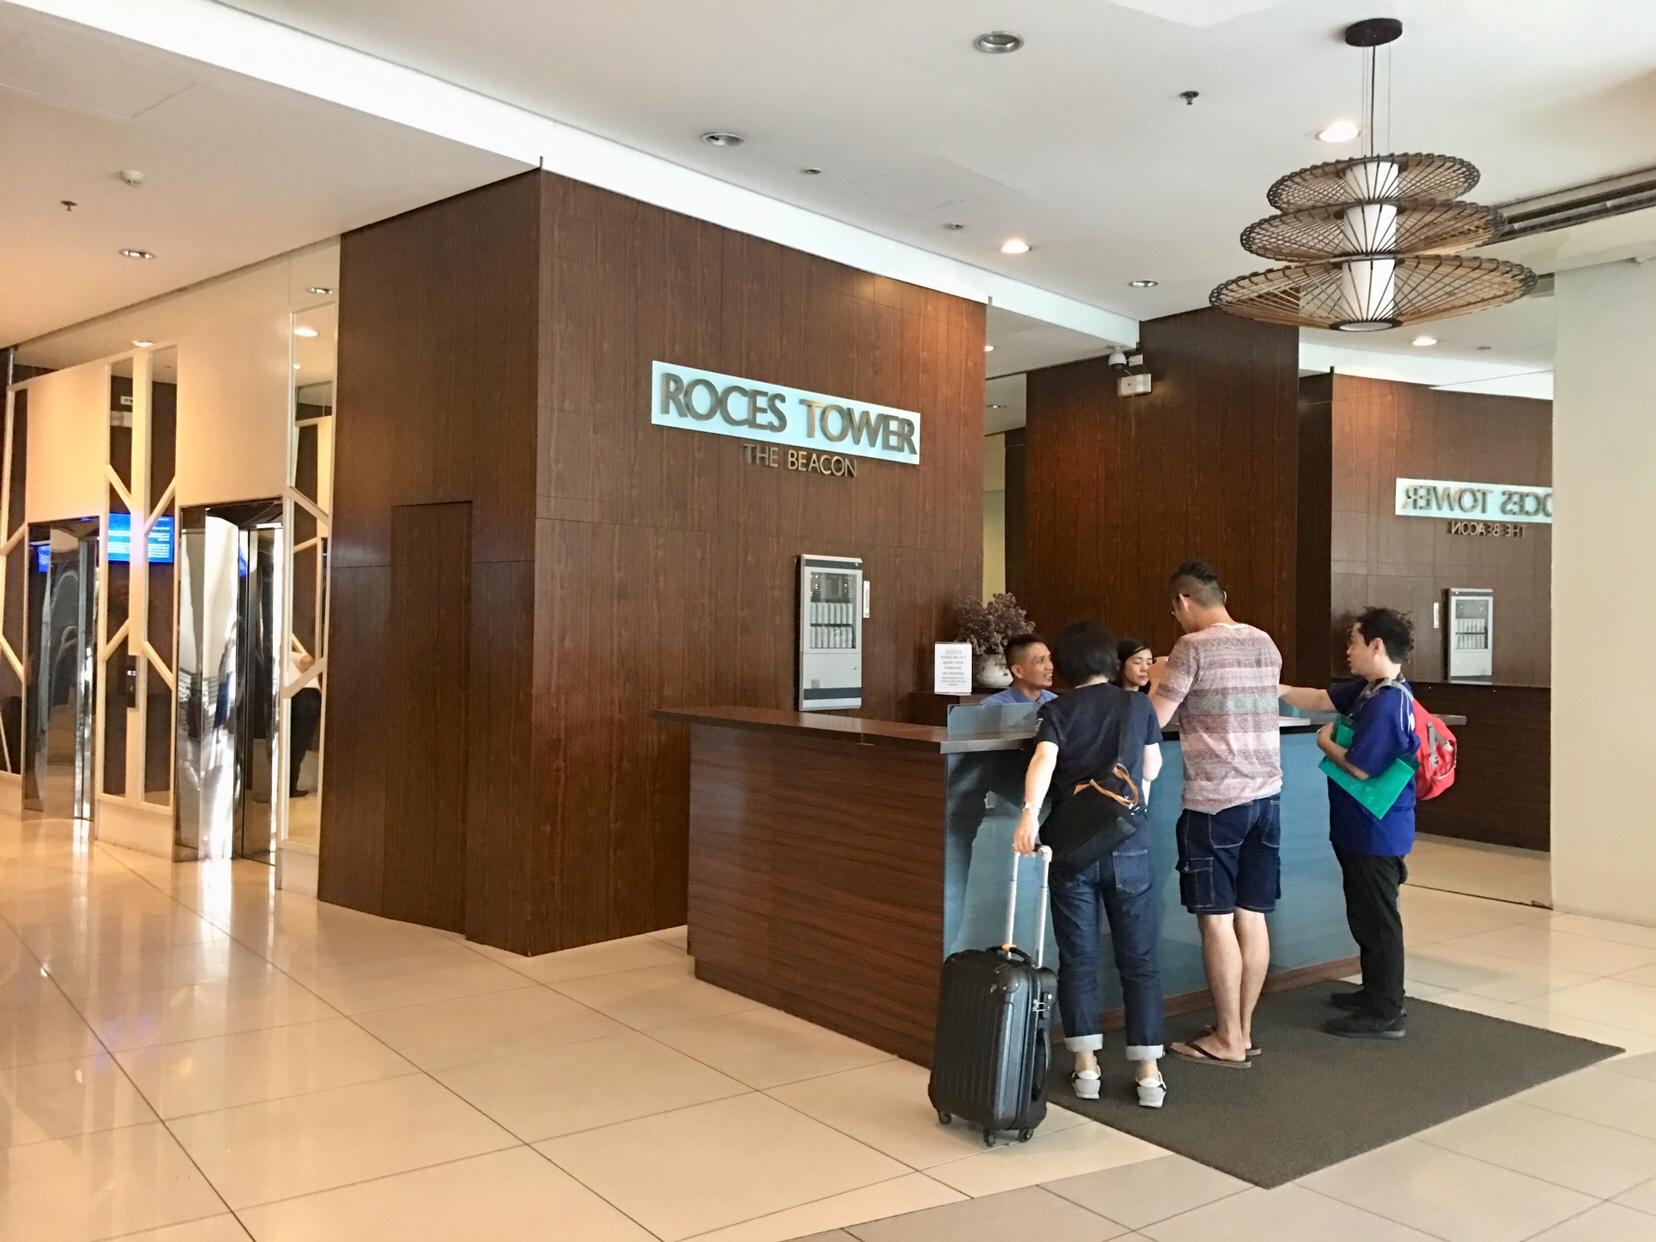 Airbnbで宿泊するBeacon コンドミニアムとフィリピンではマクドナルドより人気のJollibee(ジョリビー)で朝食